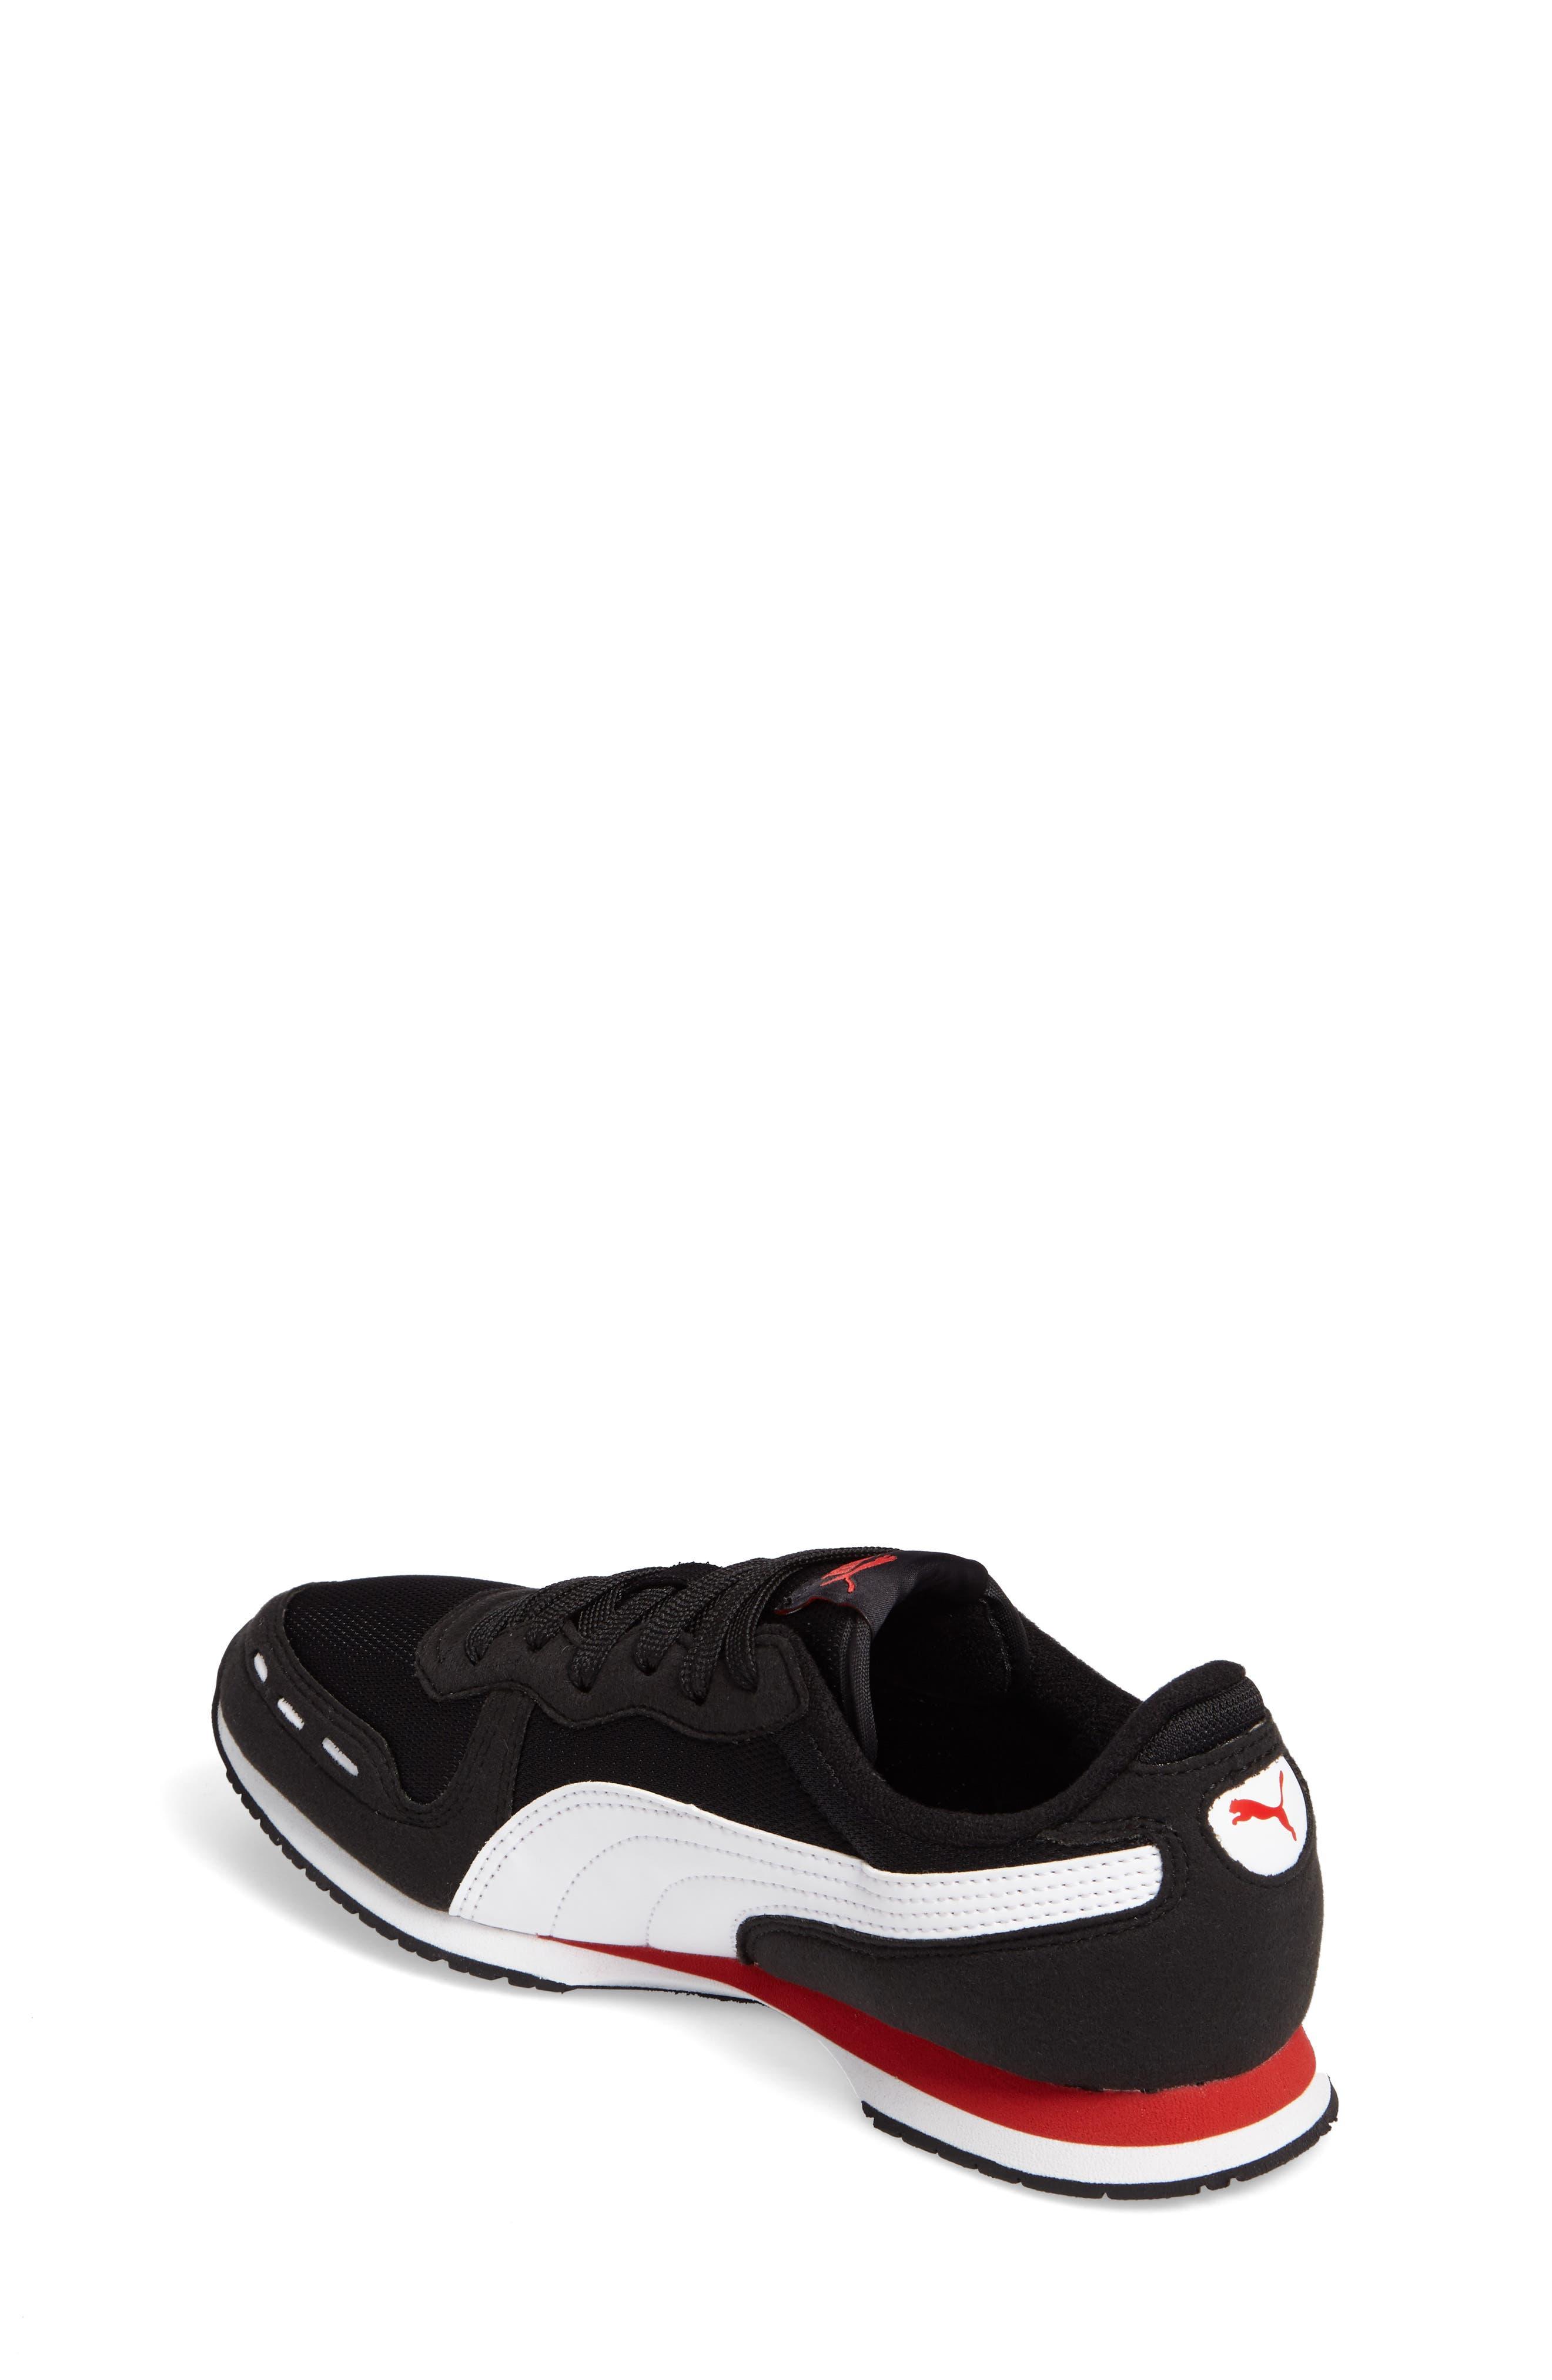 Cabana Racer Sneaker,                             Alternate thumbnail 3, color,                             001